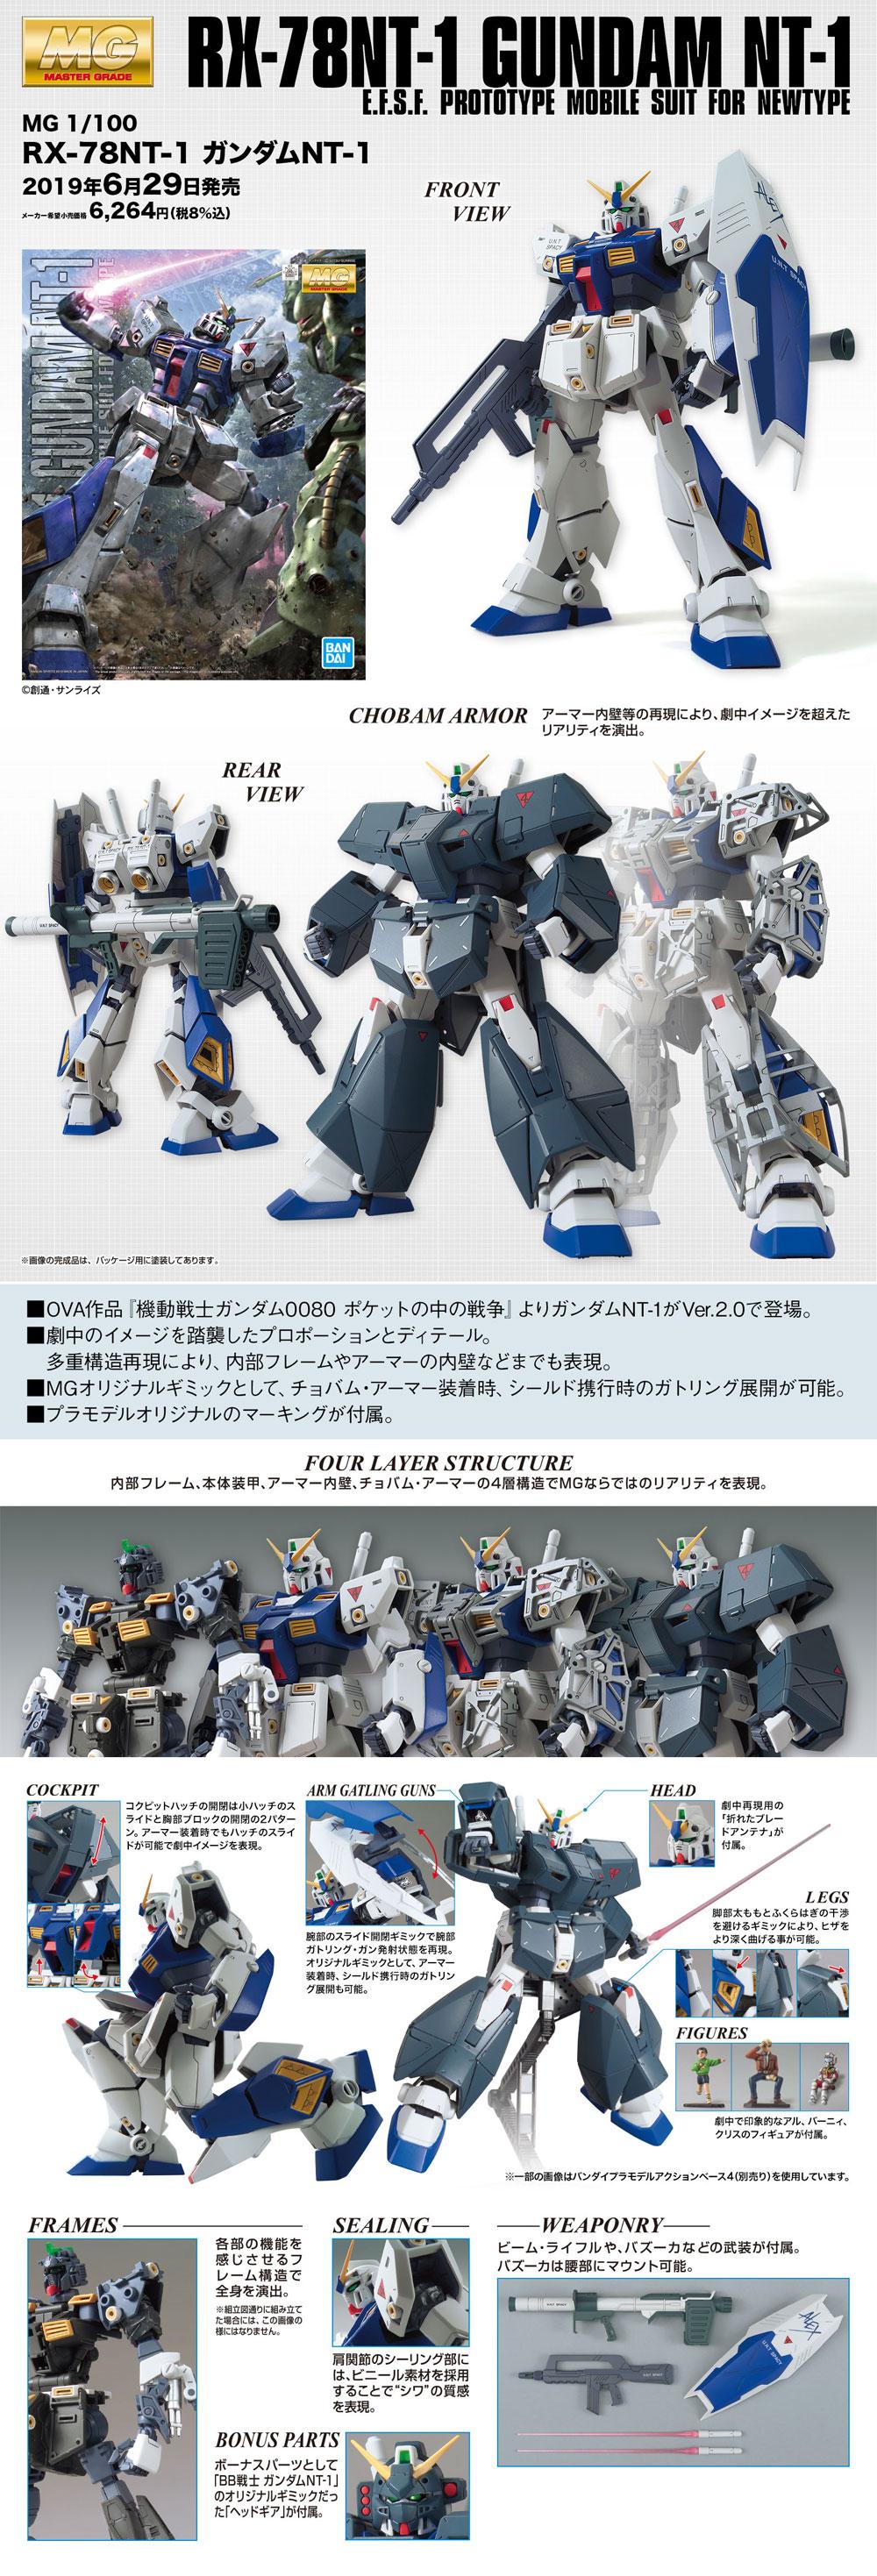 RX-78NT-1 ガンダム NT-1 Ver.2.0プラモデル(バンダイMASTER GRADE (マスターグレード)No.5057706)商品画像_4